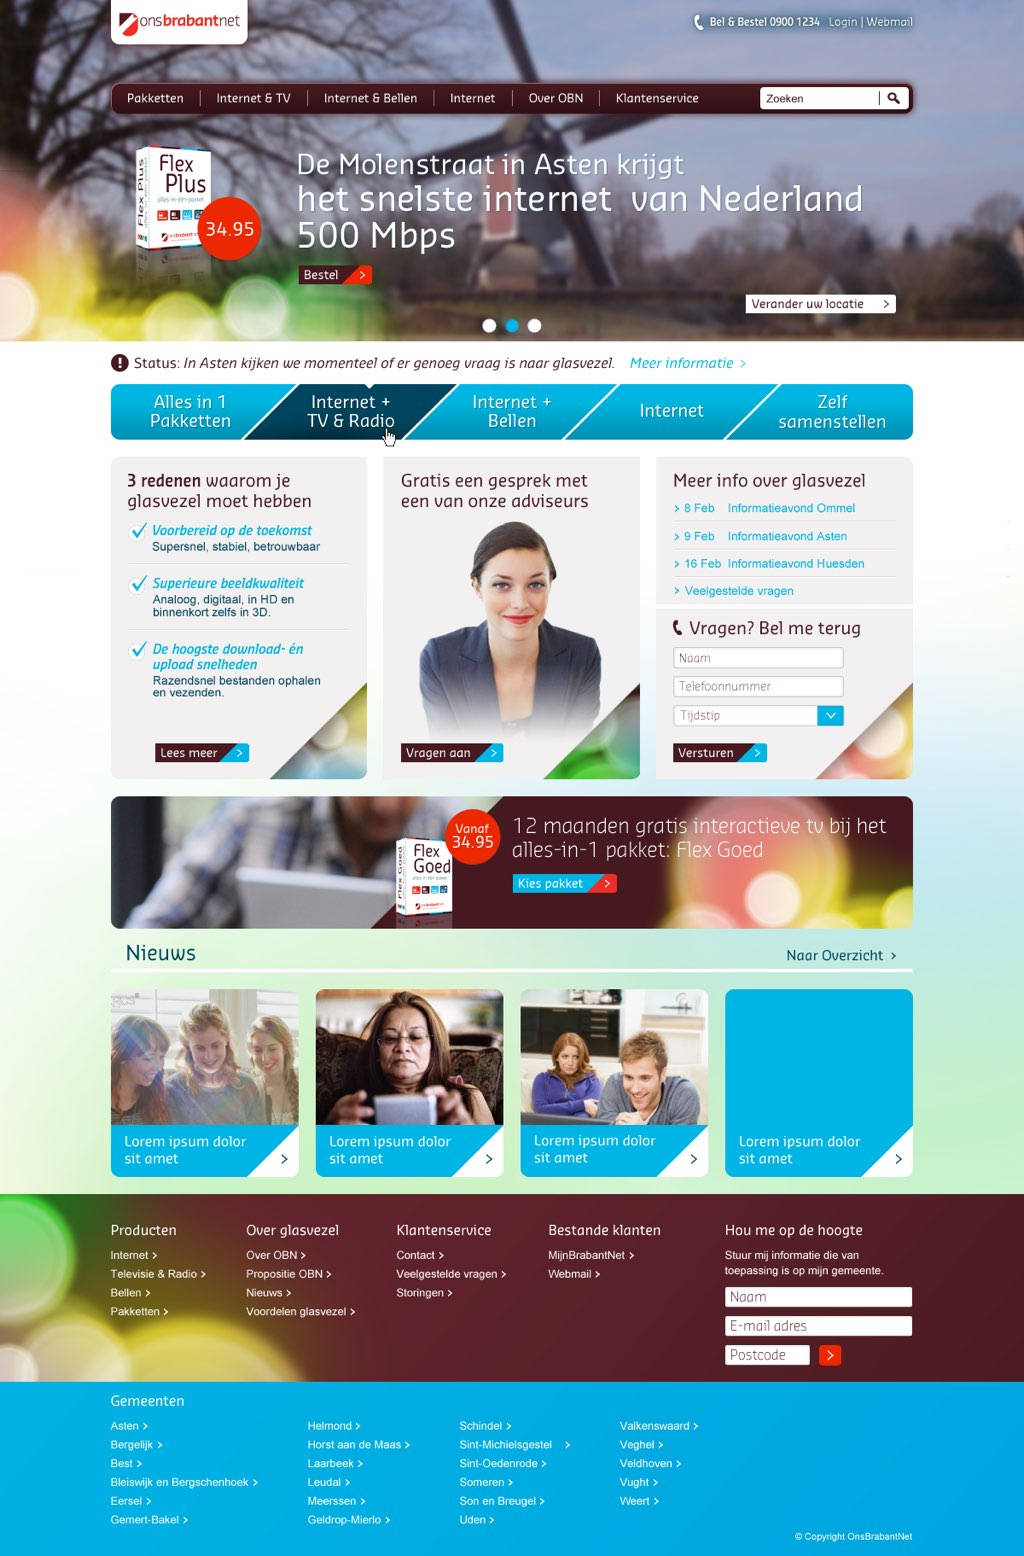 Afbeelding 2 van 11 - OnsBrabantNet re-design webshop - De oude homepage